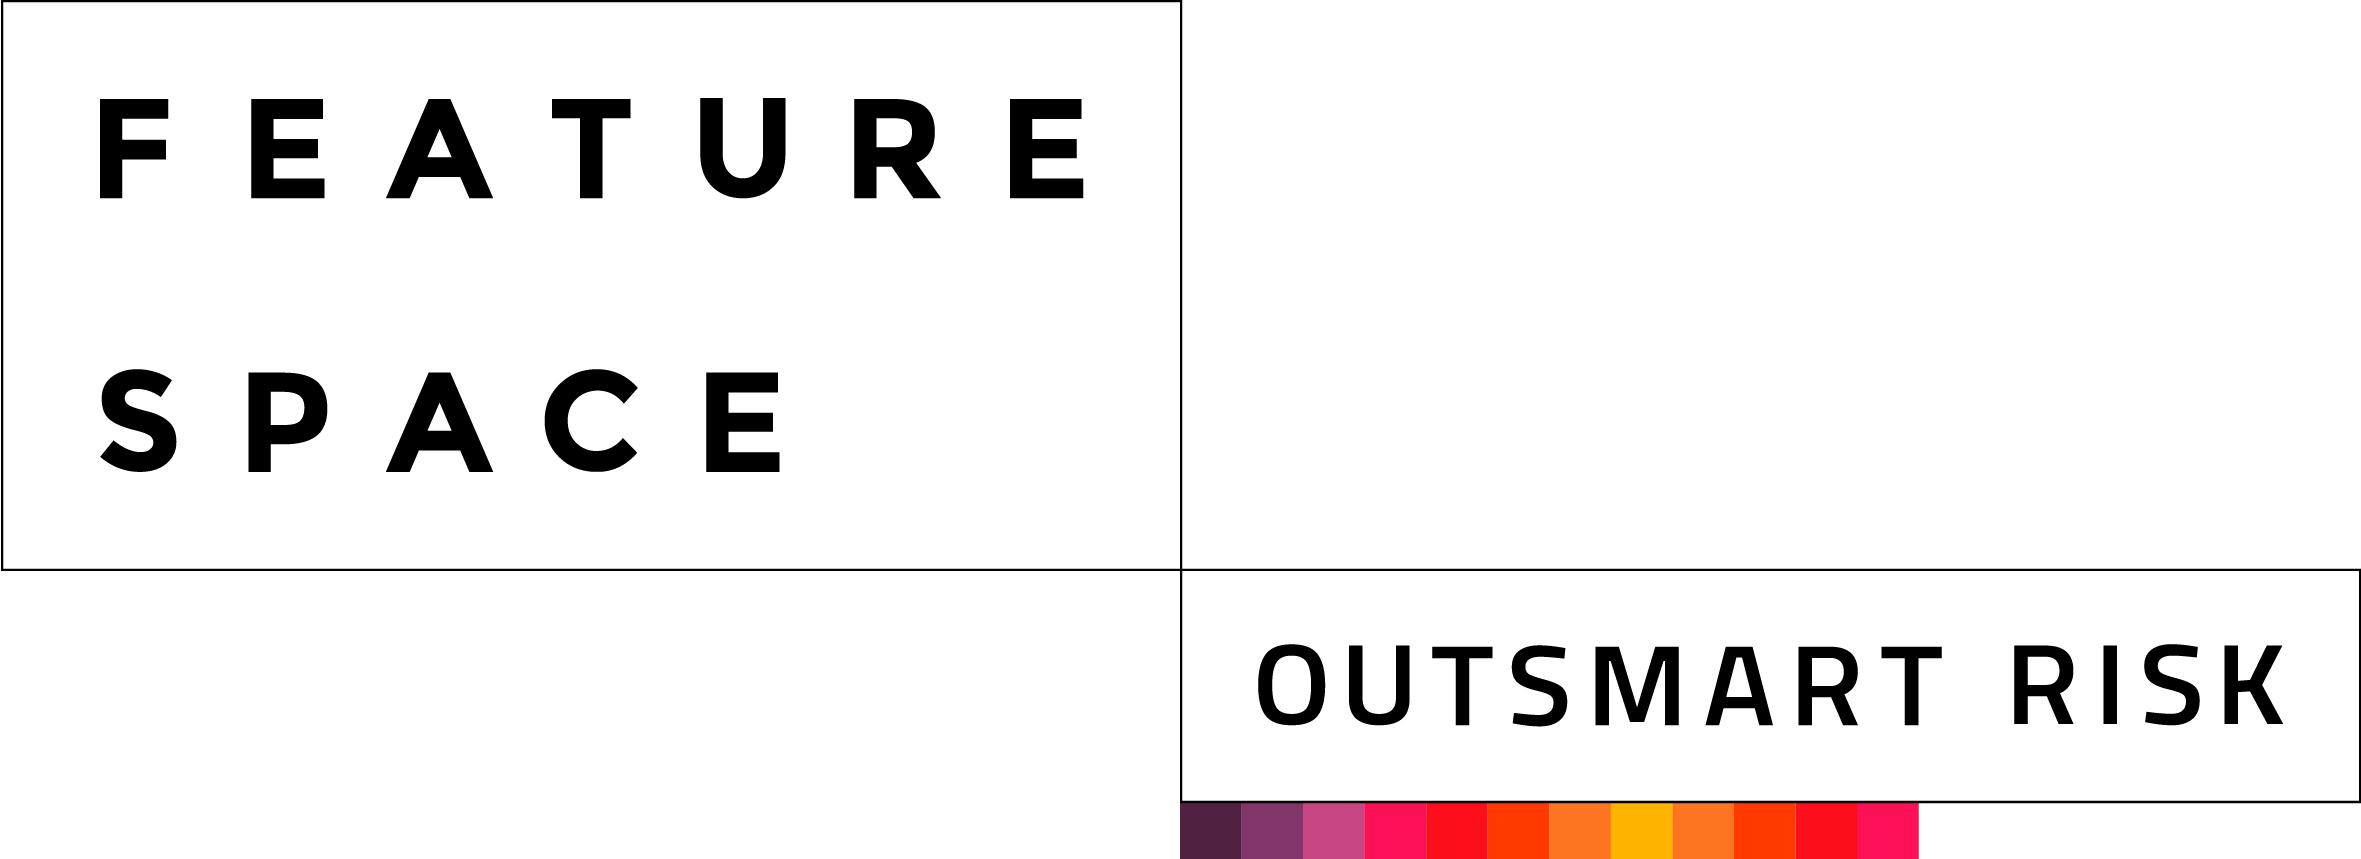 Featurespace logo.jpg